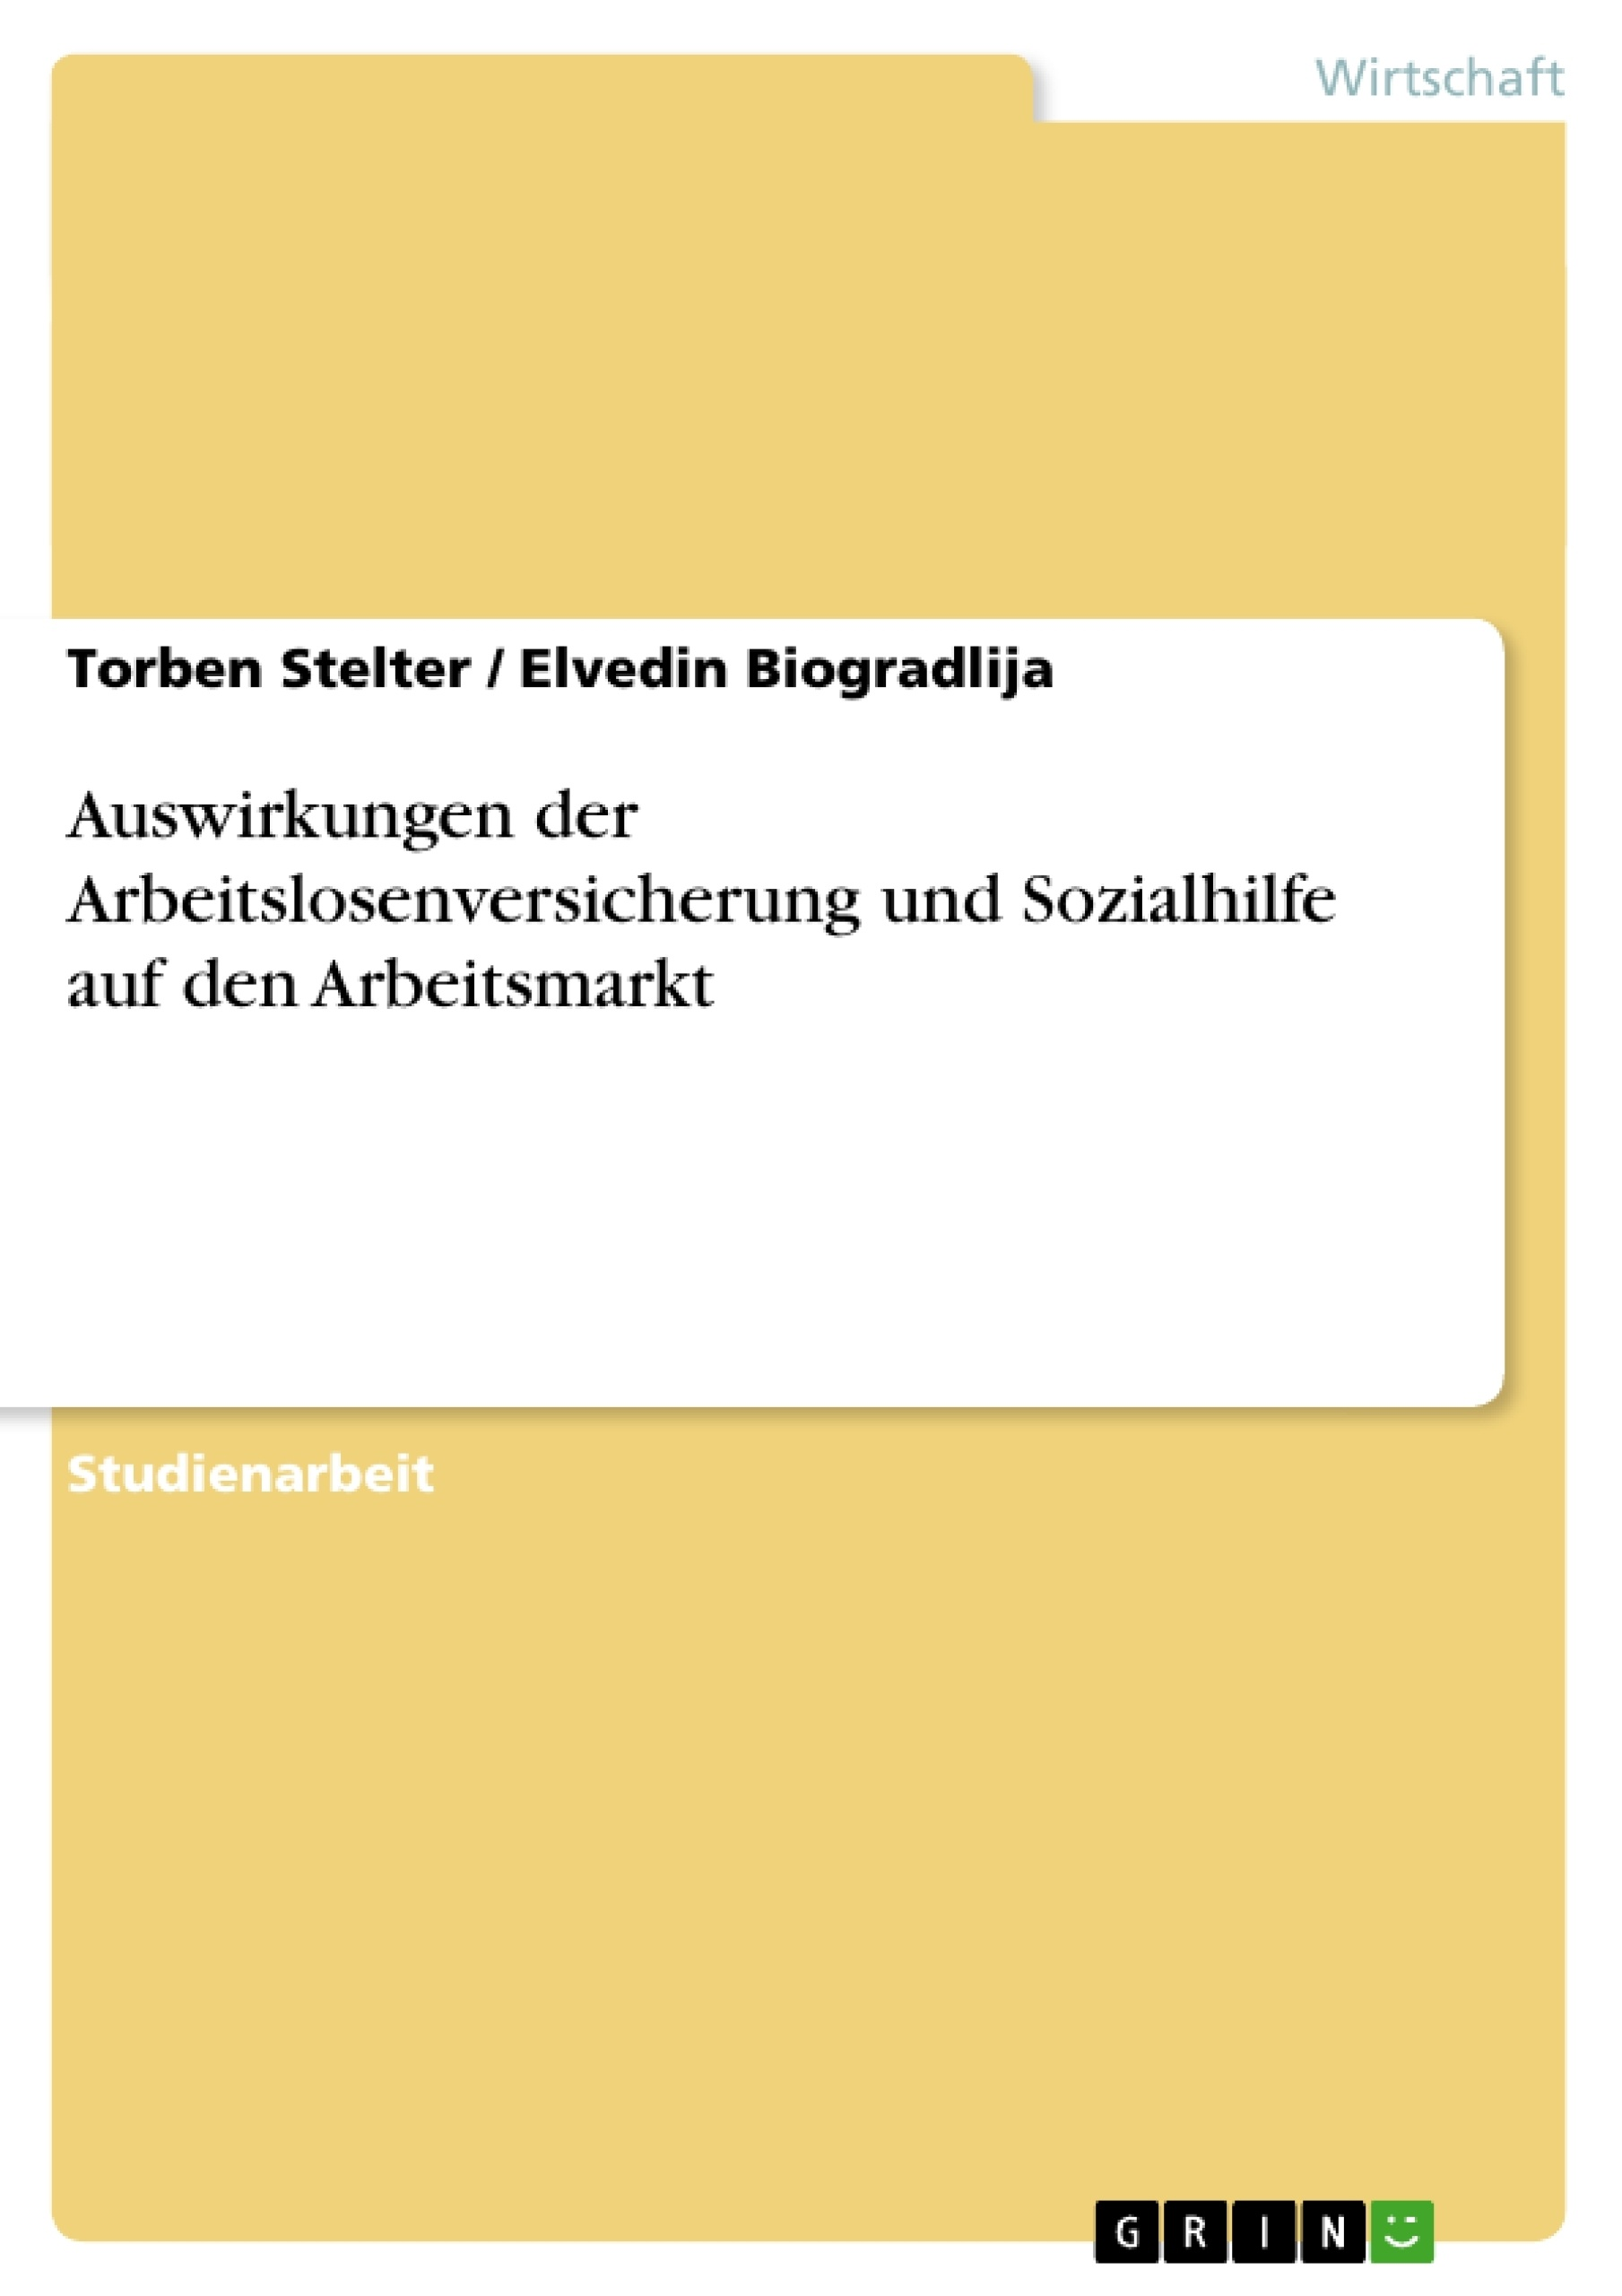 Titel: Auswirkungen der Arbeitslosenversicherung und Sozialhilfe auf den Arbeitsmarkt